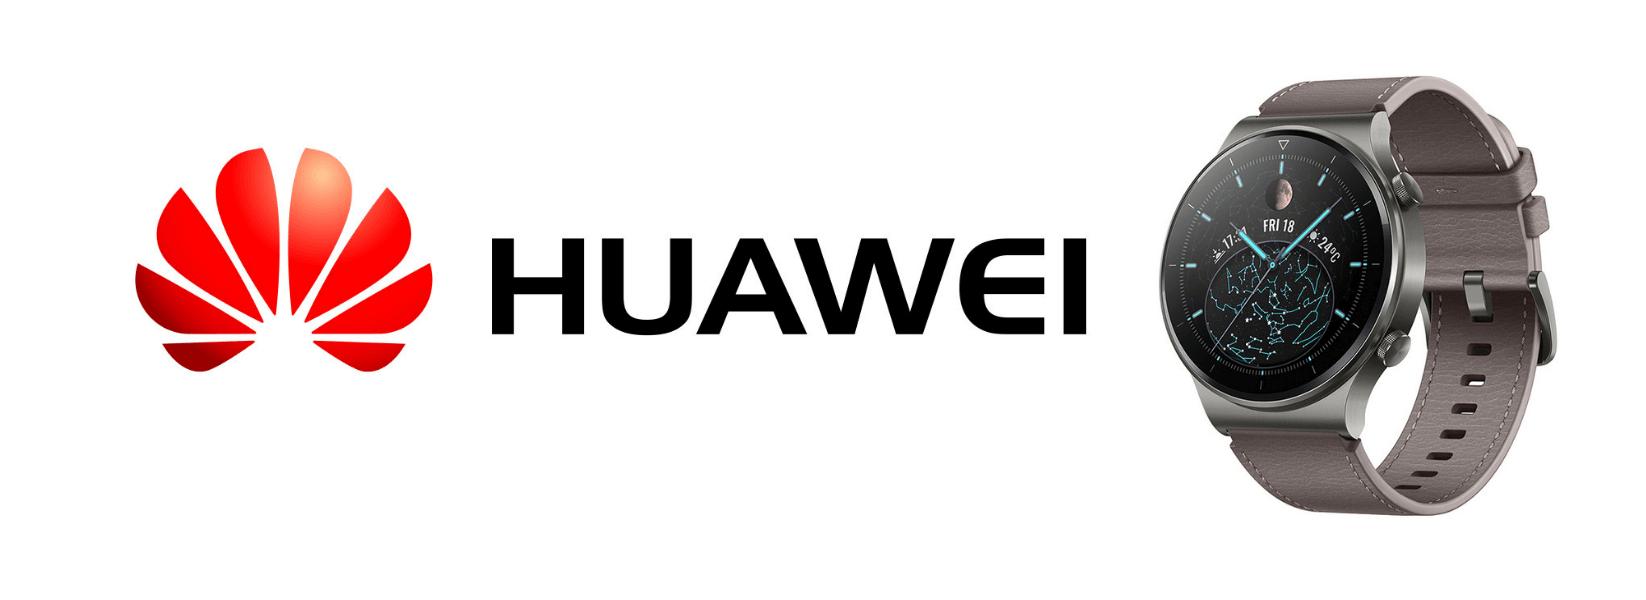 ビジネスマンに合うスマートウォッチのHUAWEI